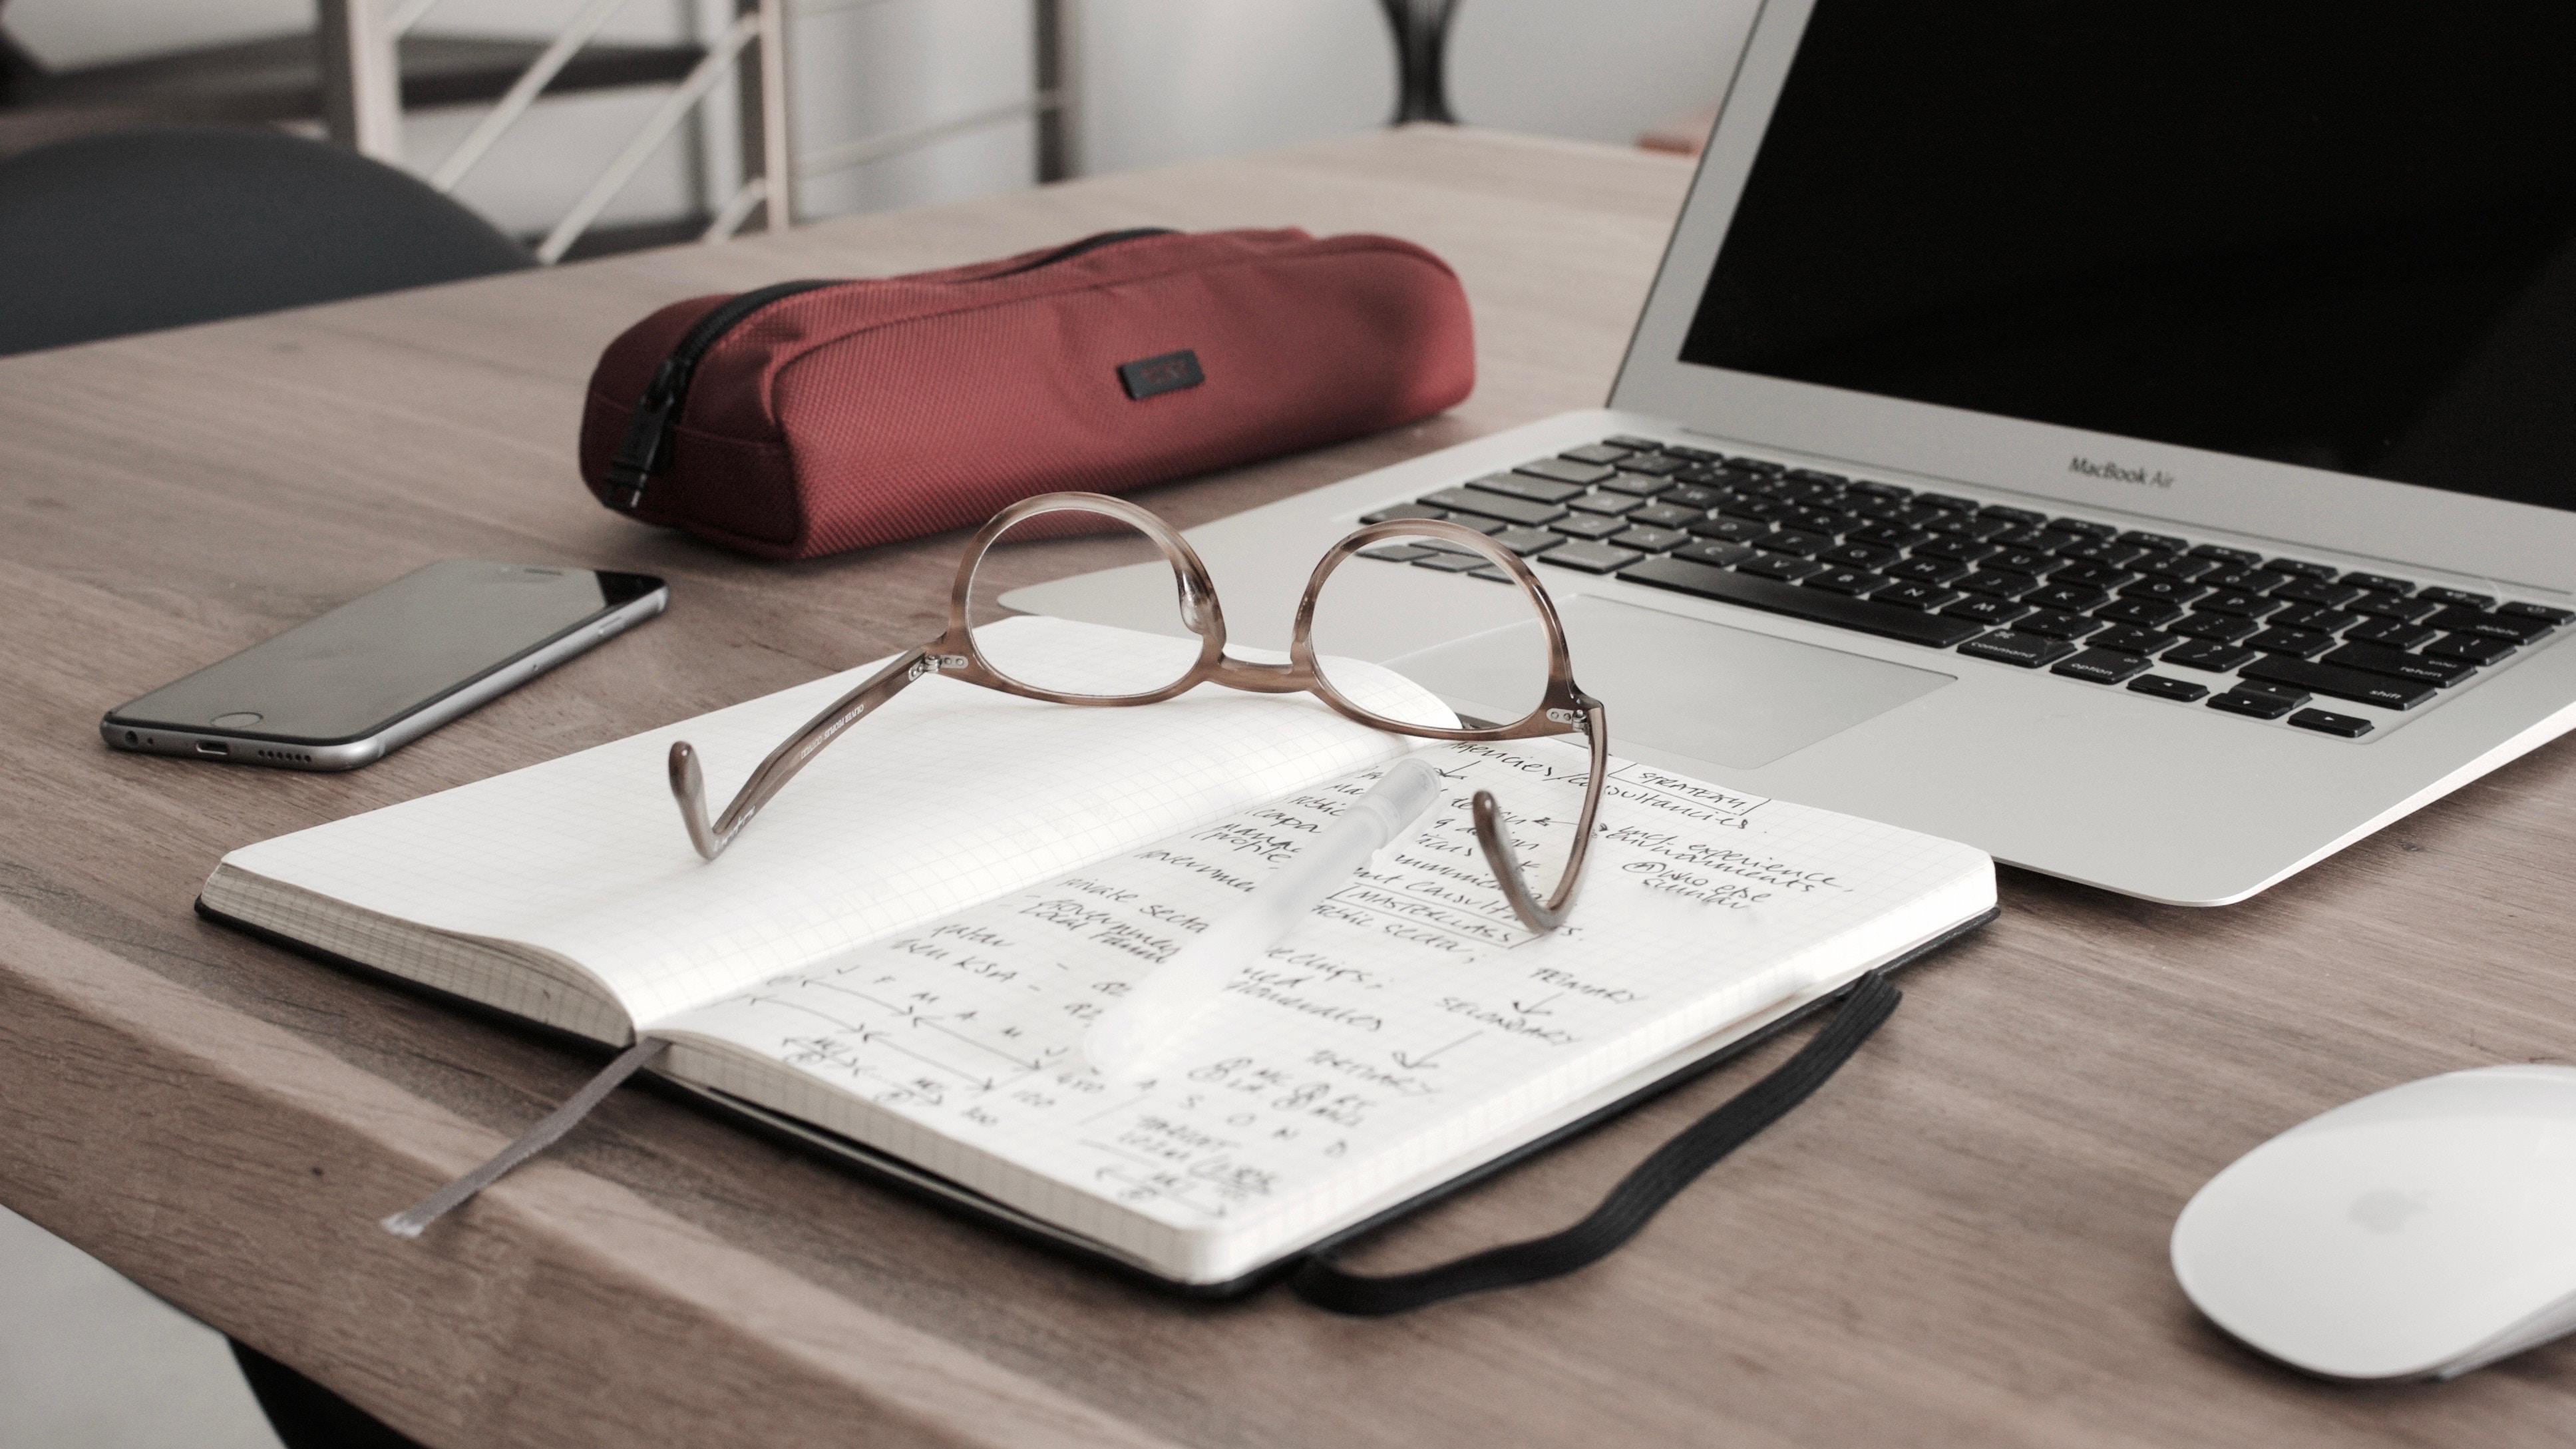 Notizbuch und Lesebrille